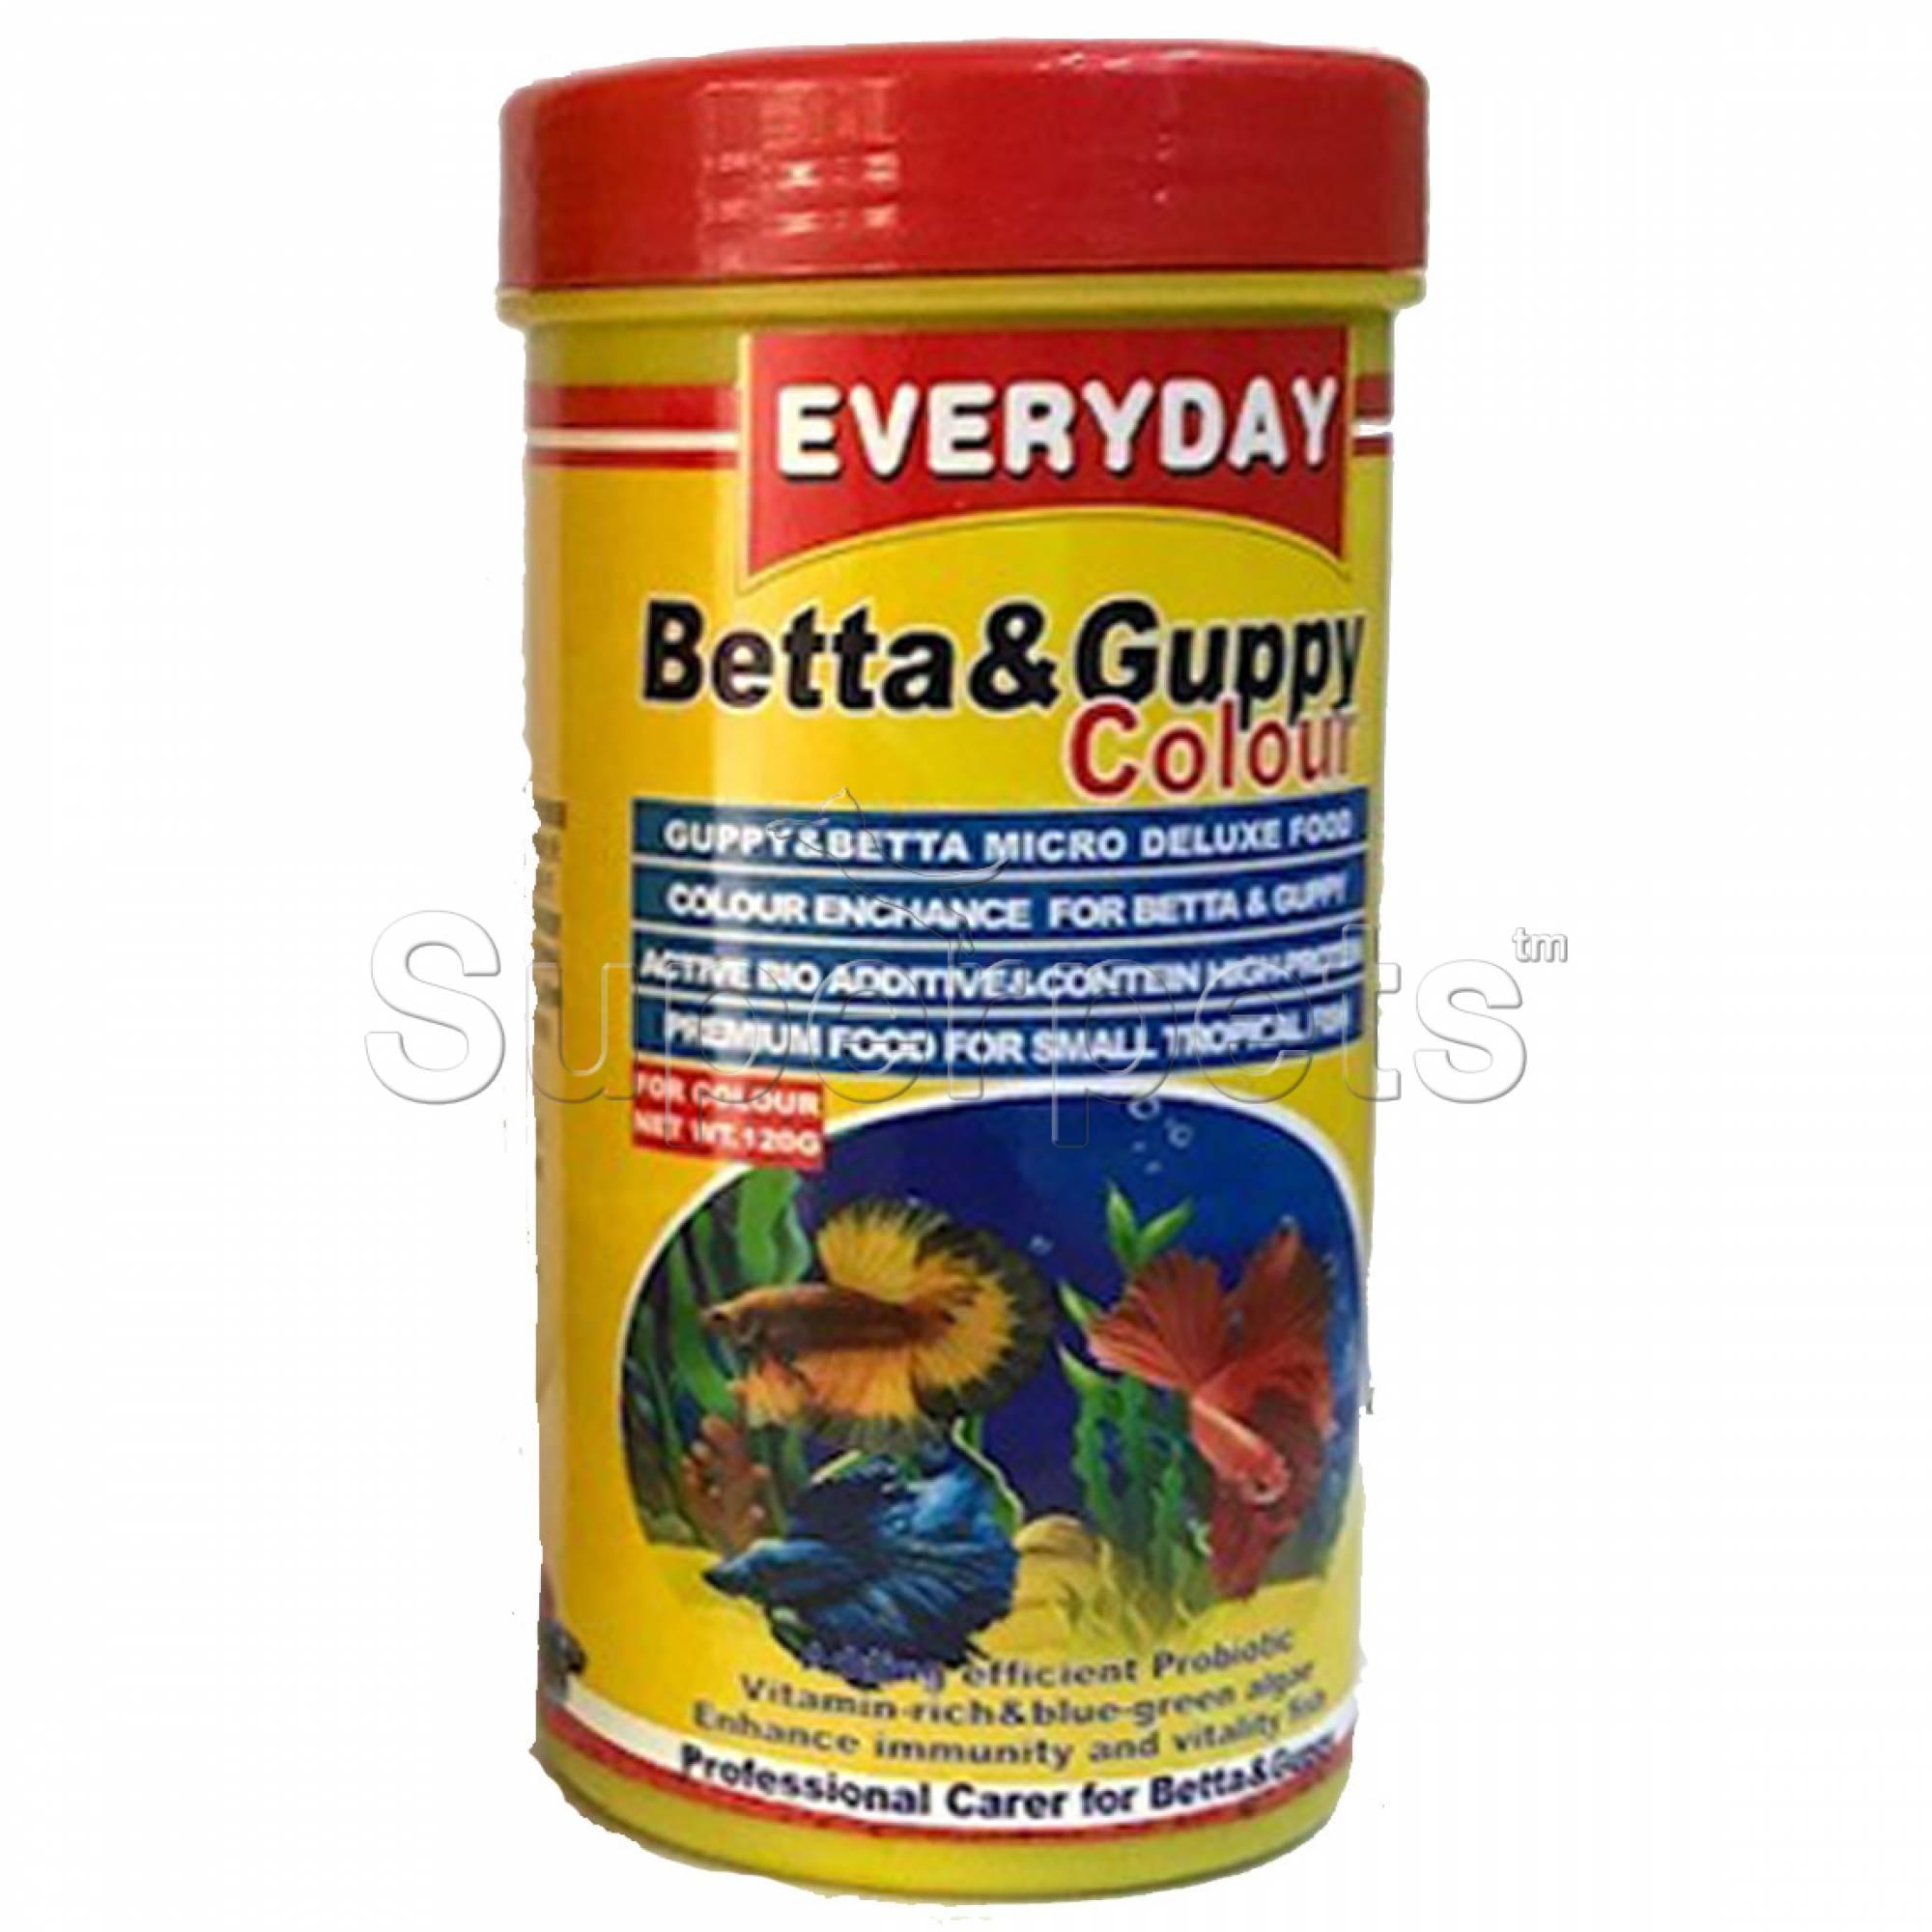 Everyday Betta & Guppy Food 125g (GFC250)